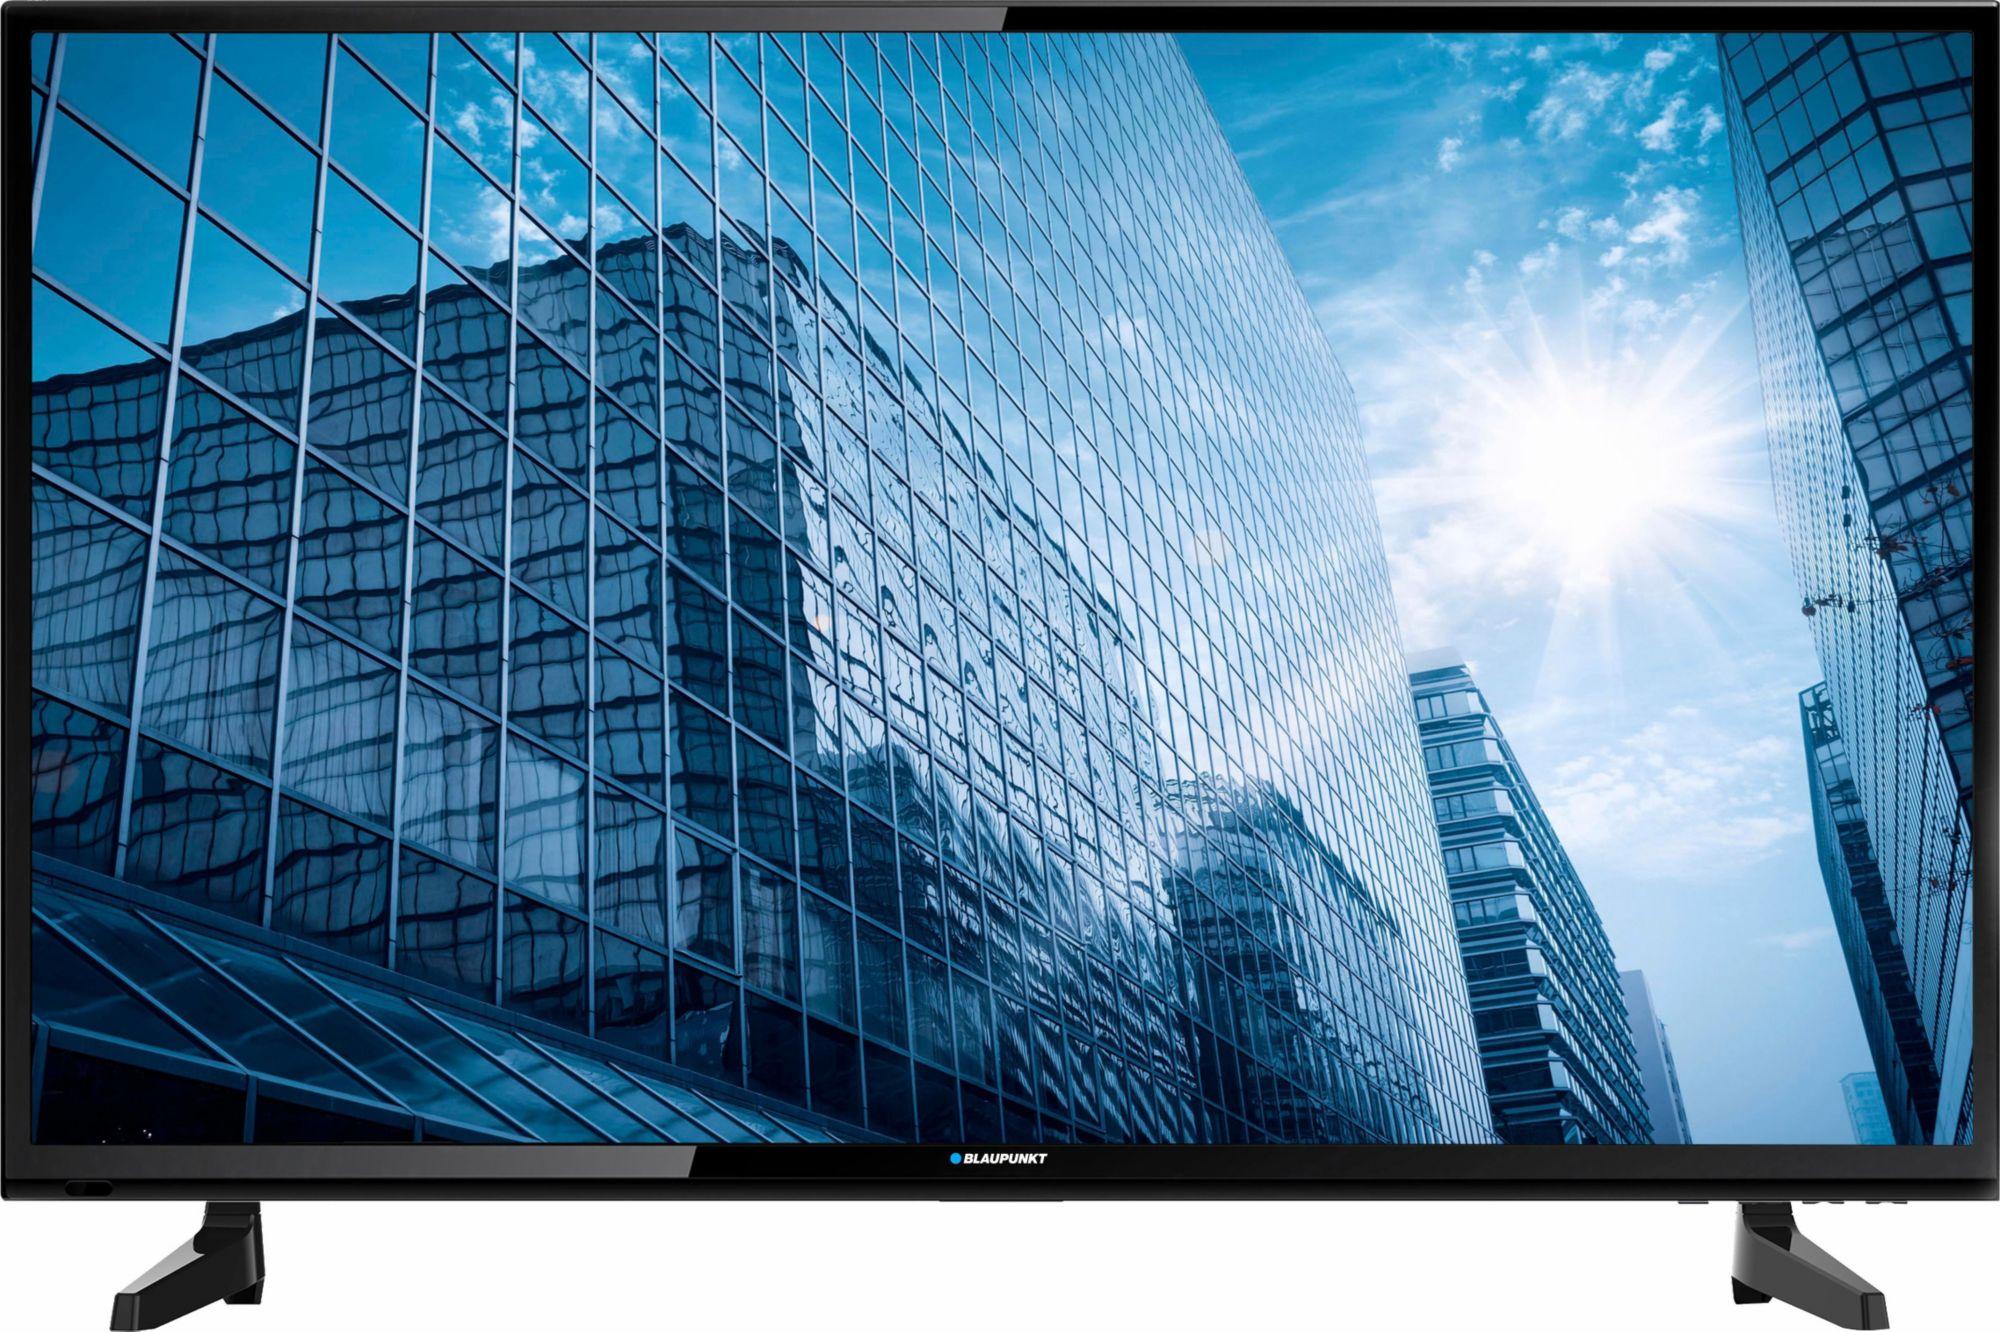 BLAUPUNKT Blaupunkt B49B148T2CS, LED Fernseher, 123 cm (49 Zoll), 1080p (Full HD)